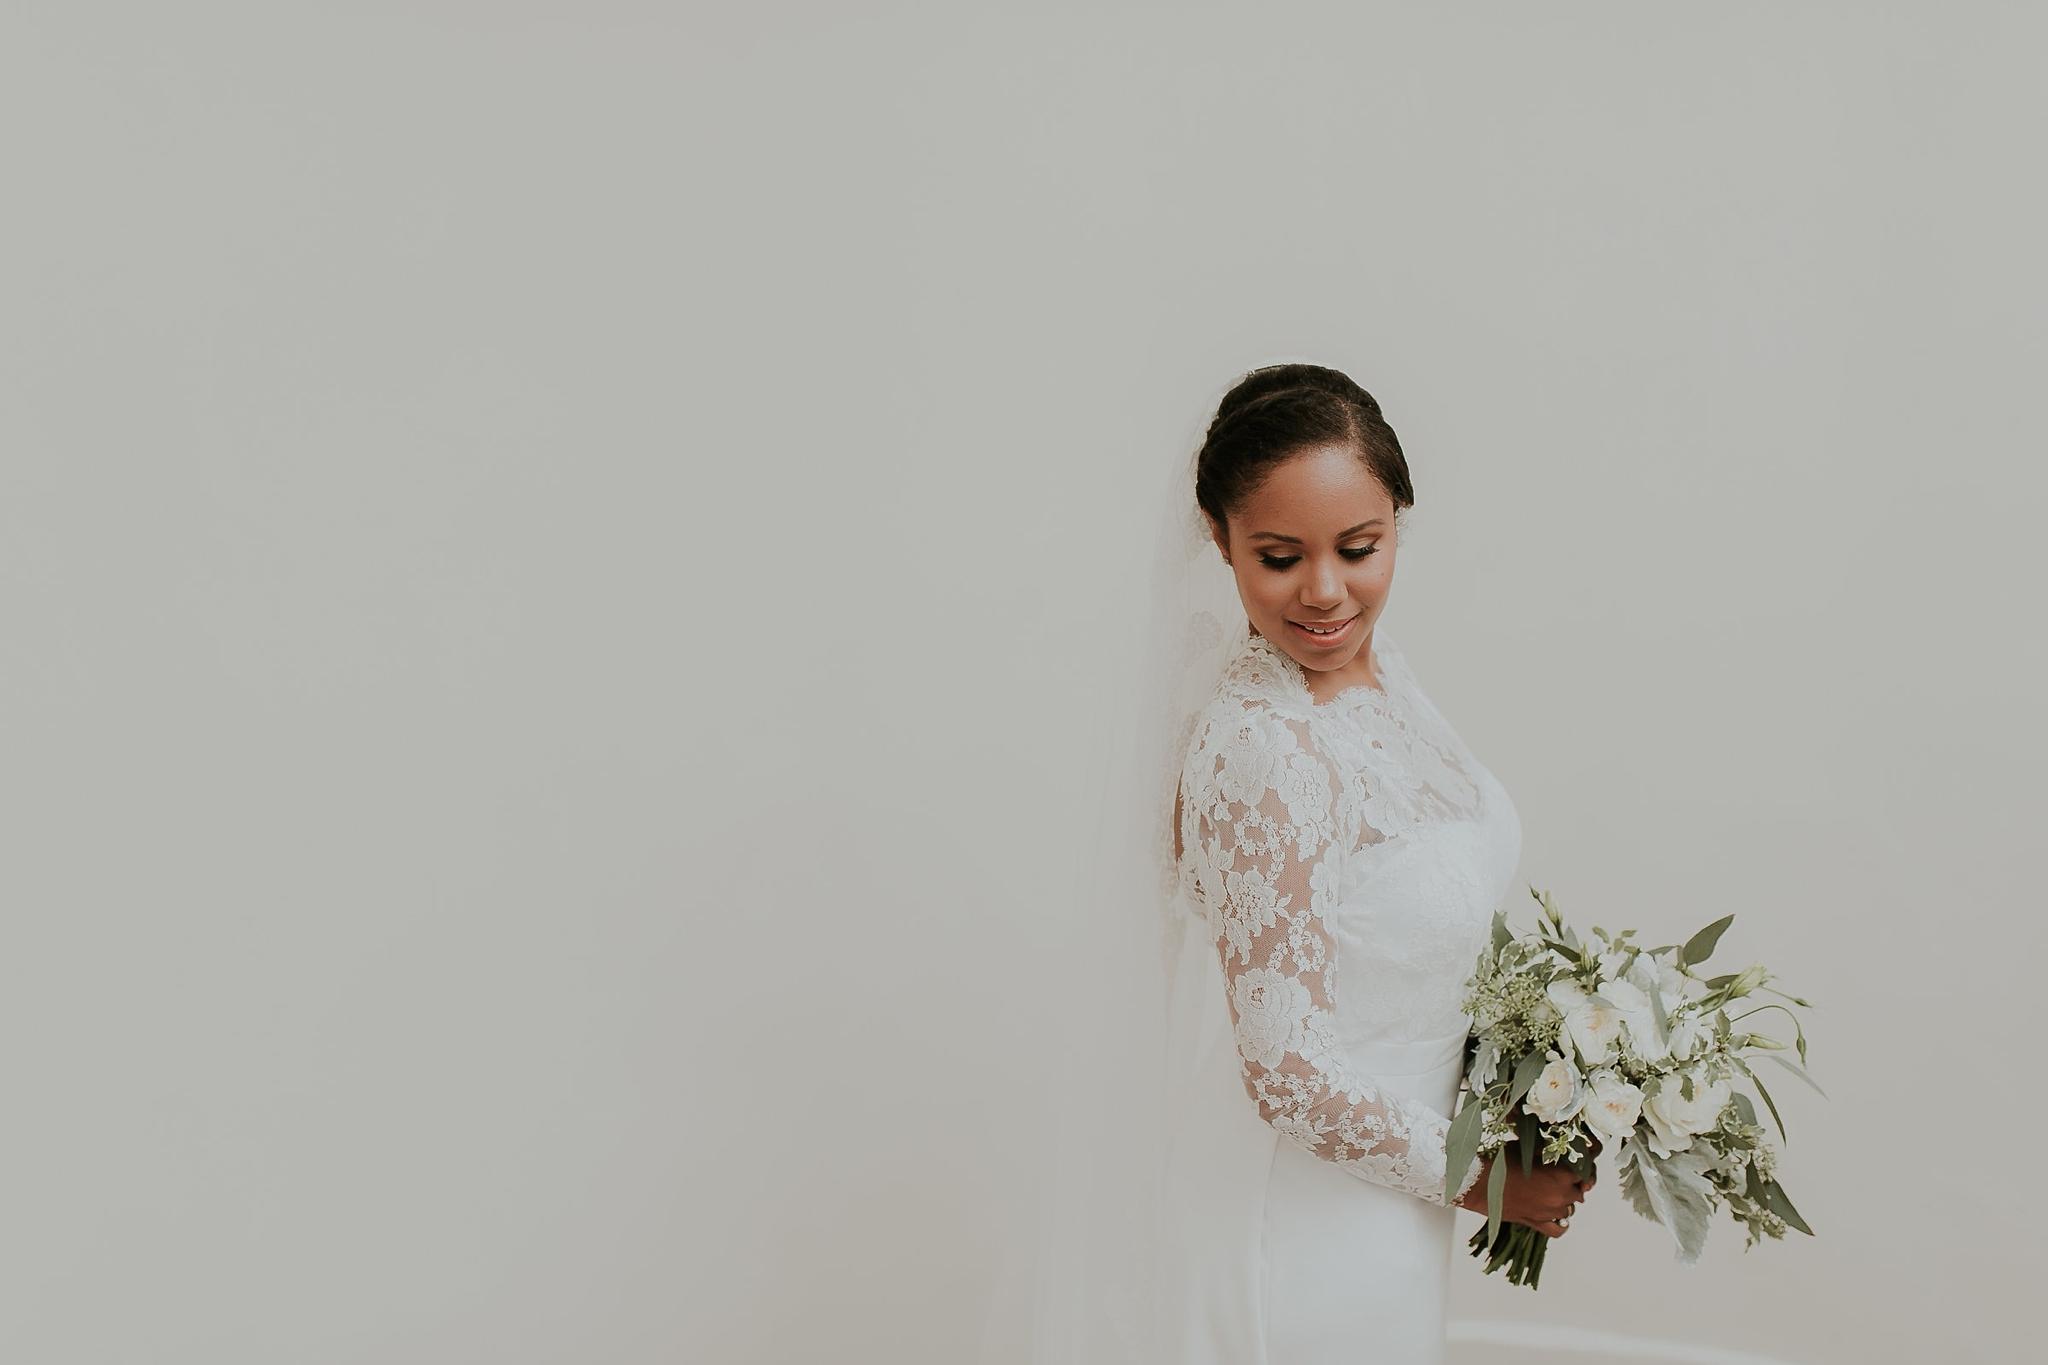 Alicia+lucia+photography+-+albuquerque+wedding+photographer+-+santa+fe+wedding+photography+-+new+mexico+wedding+photographer+-+new+mexico+wedding+-+wedding+makeup+-+makeup+artist+-+wedding+makeup+artist+-+bridal+makeup_0055.jpg